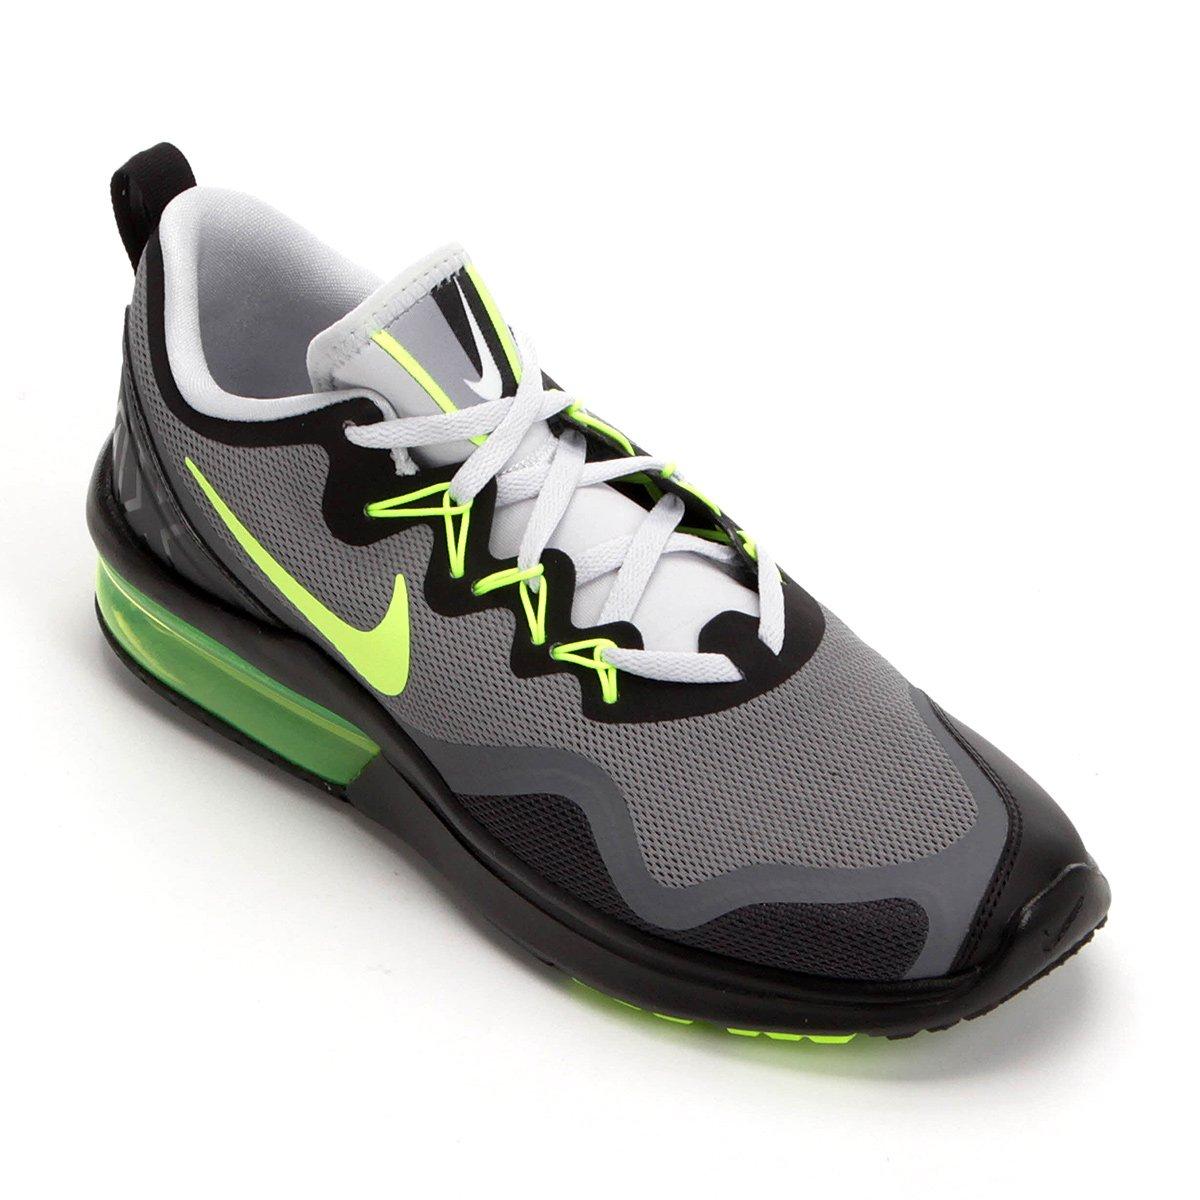 3e620fa6bae Tênis Nike Air Max Fury Masculino - Cinza e Verde Limão - Compre Agora